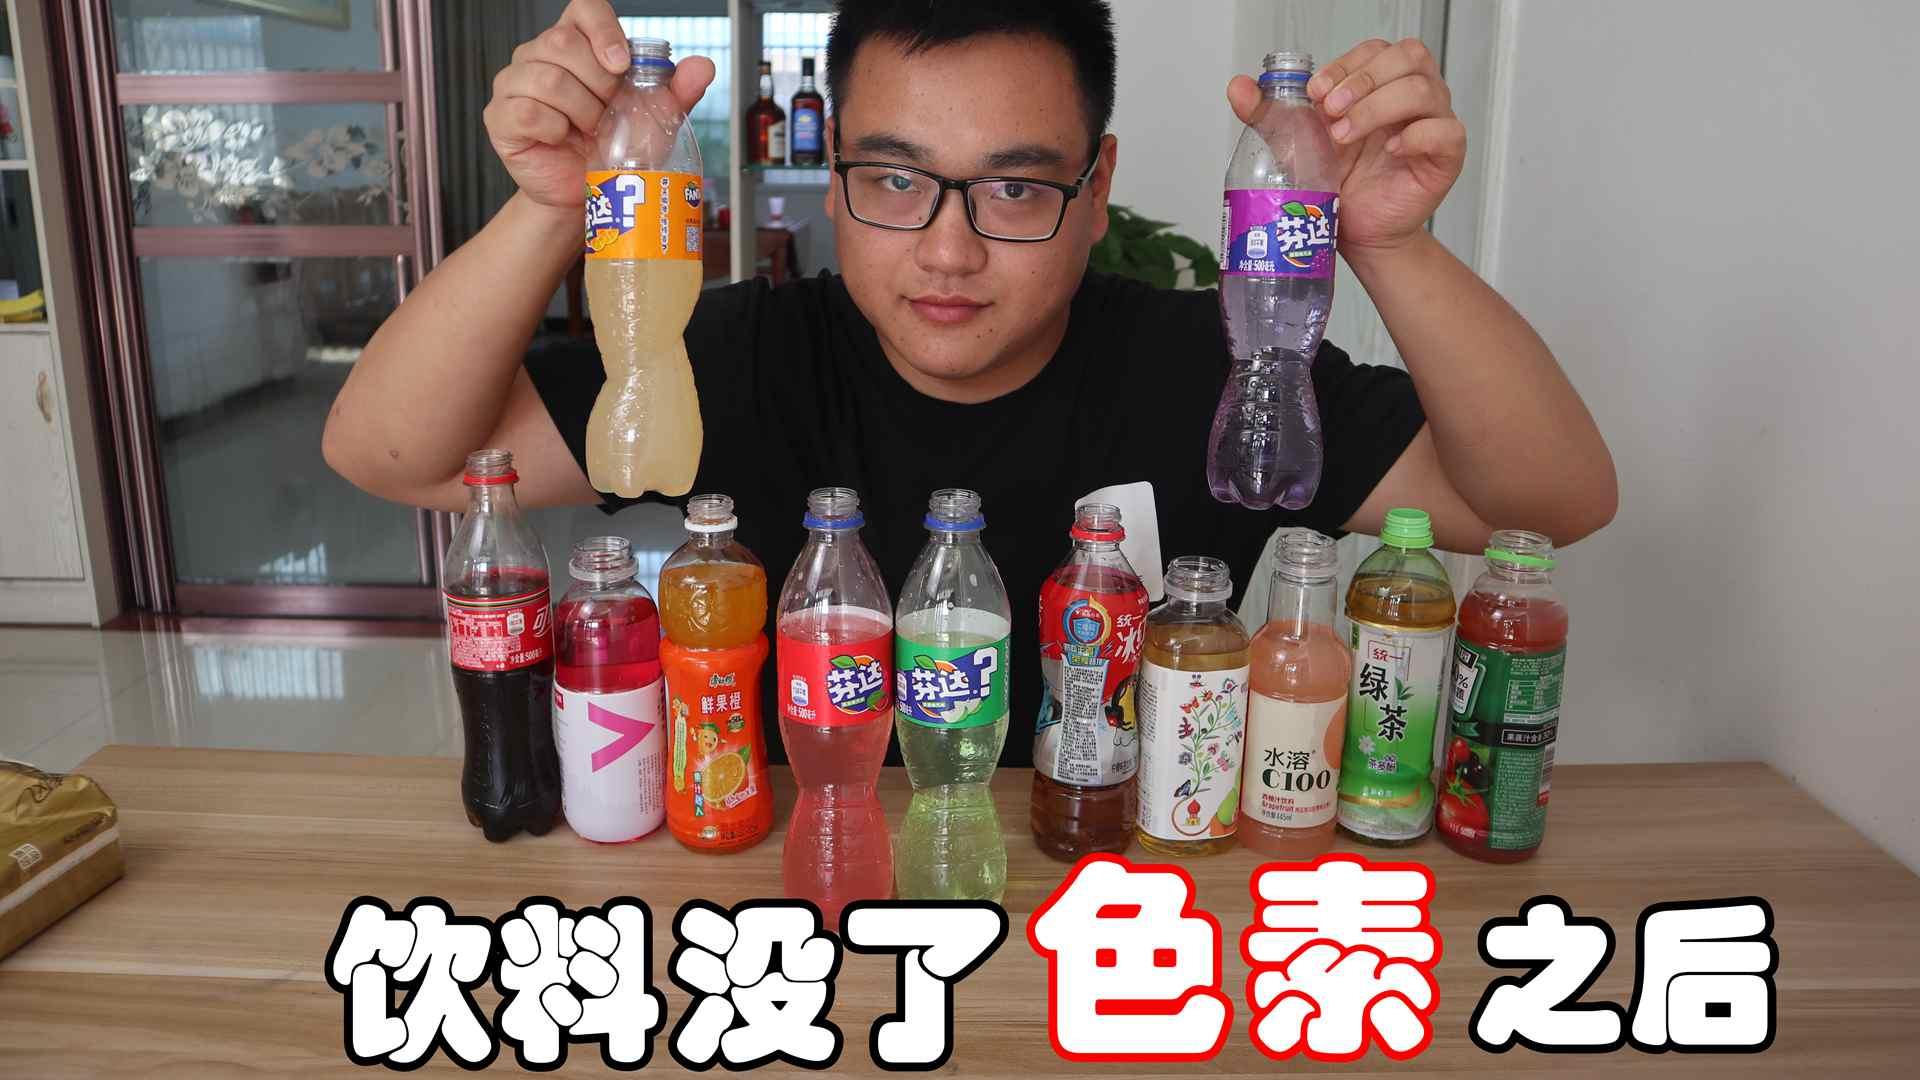 把饮料中的色素提取出来之后,会变得更好喝还是更难喝呢?